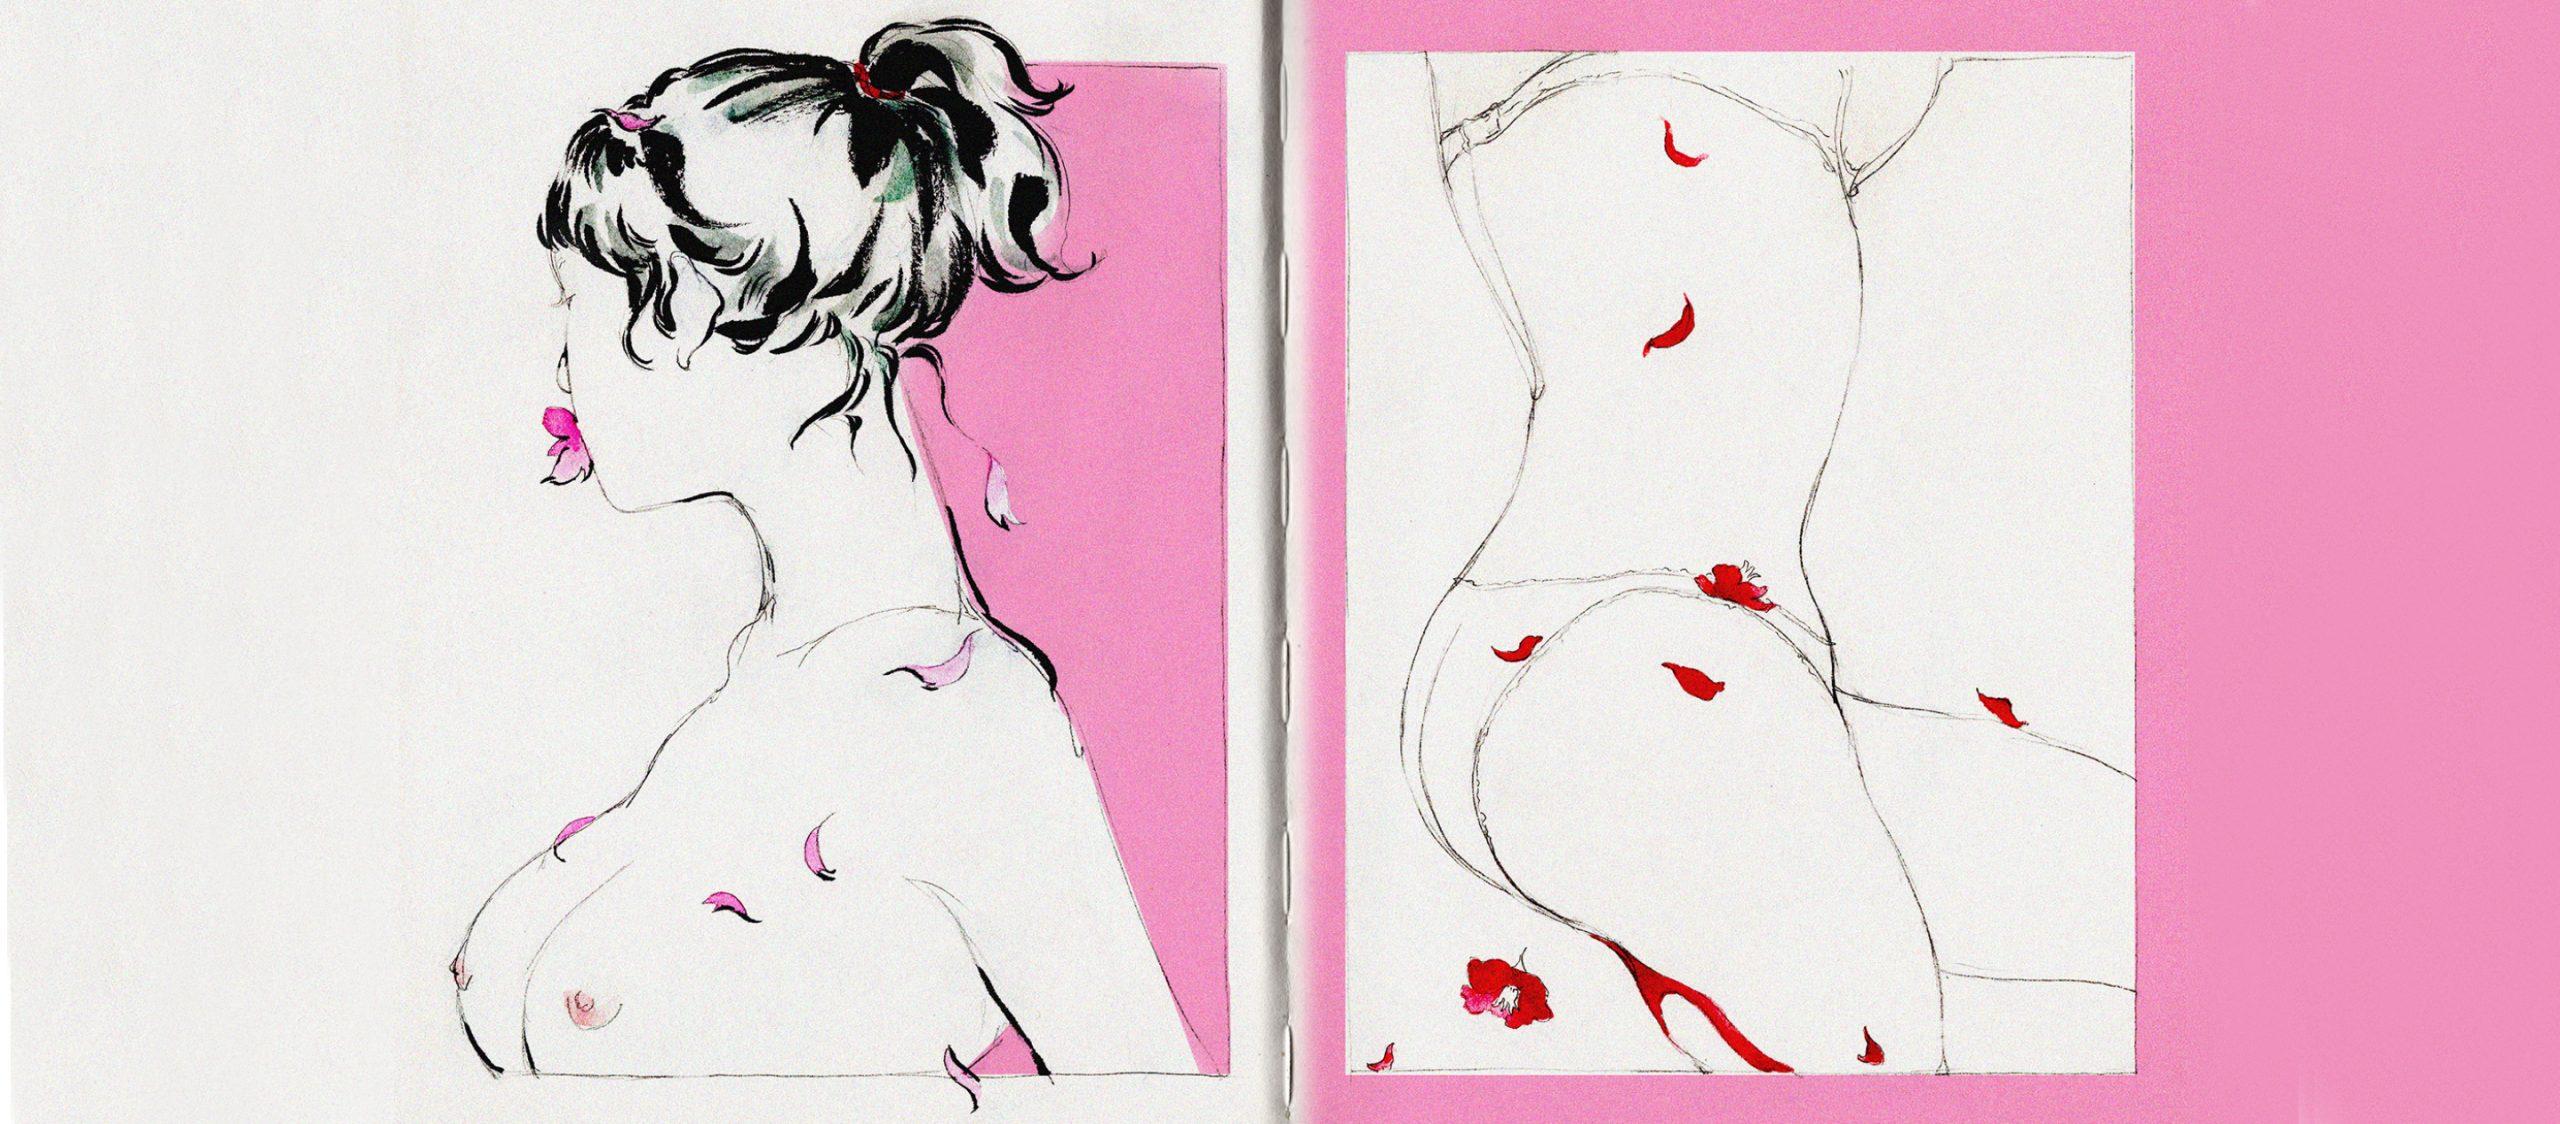 ลื่นไหลในเพศภาวะ Naisu.Chirat นักวาดที่ตั้งคำถามกับเพศและอำนาจผ่านการ์ตูนโป๊